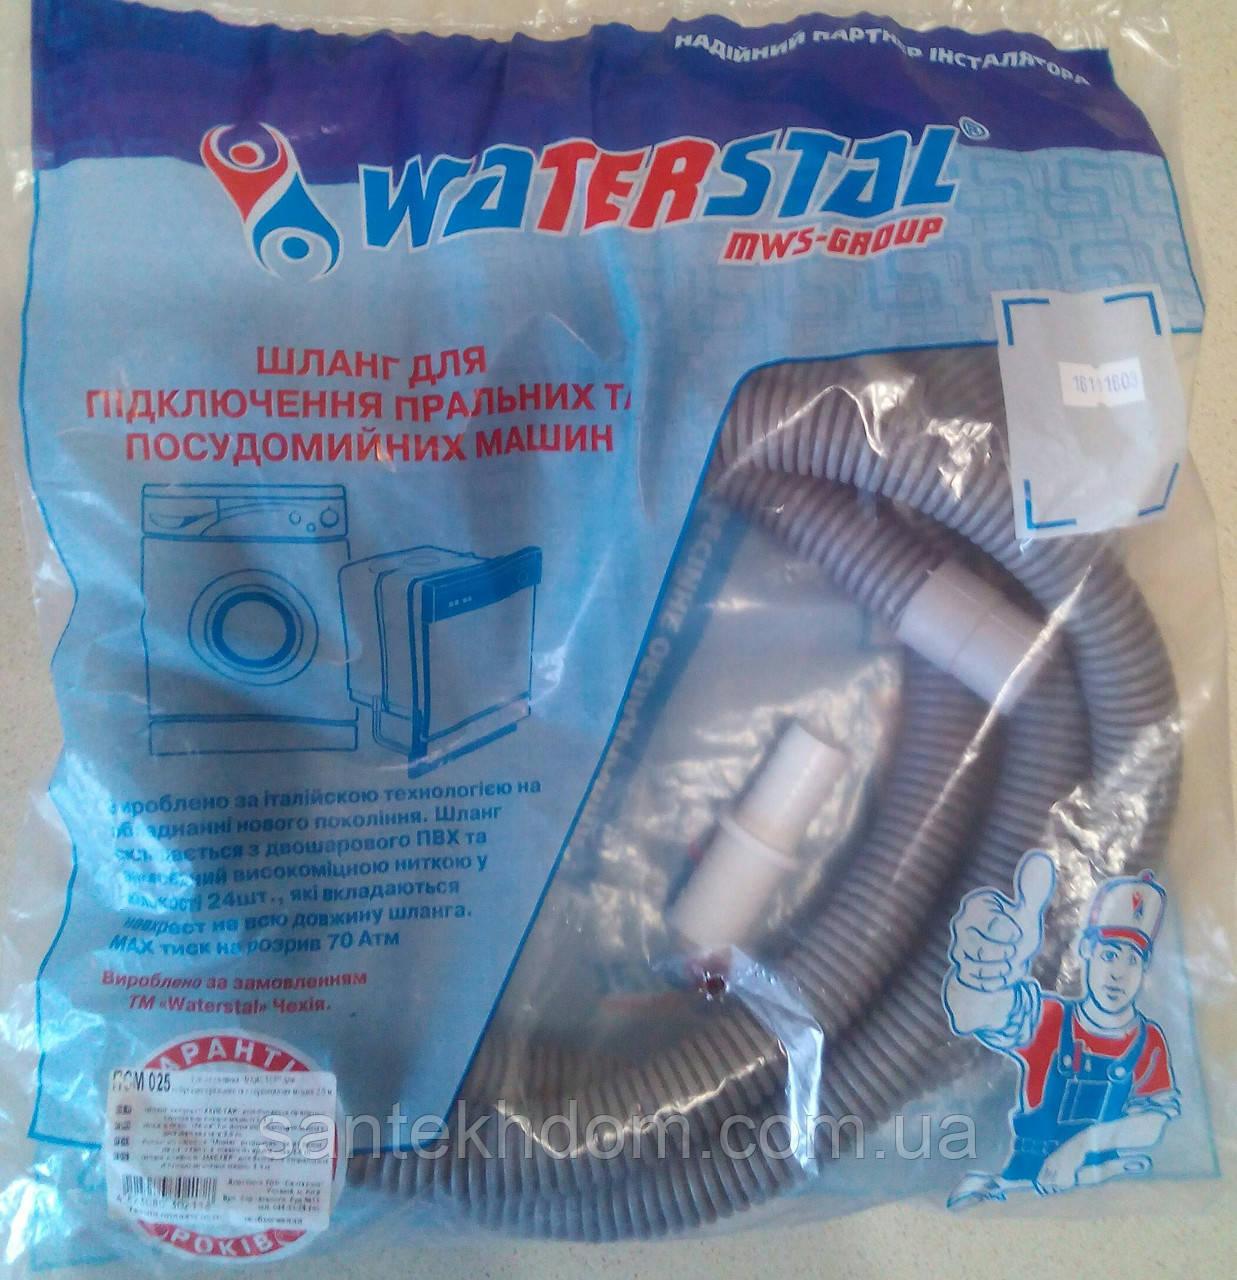 Шланг сливной (4 м) для стиральных машин ″Waterstal″